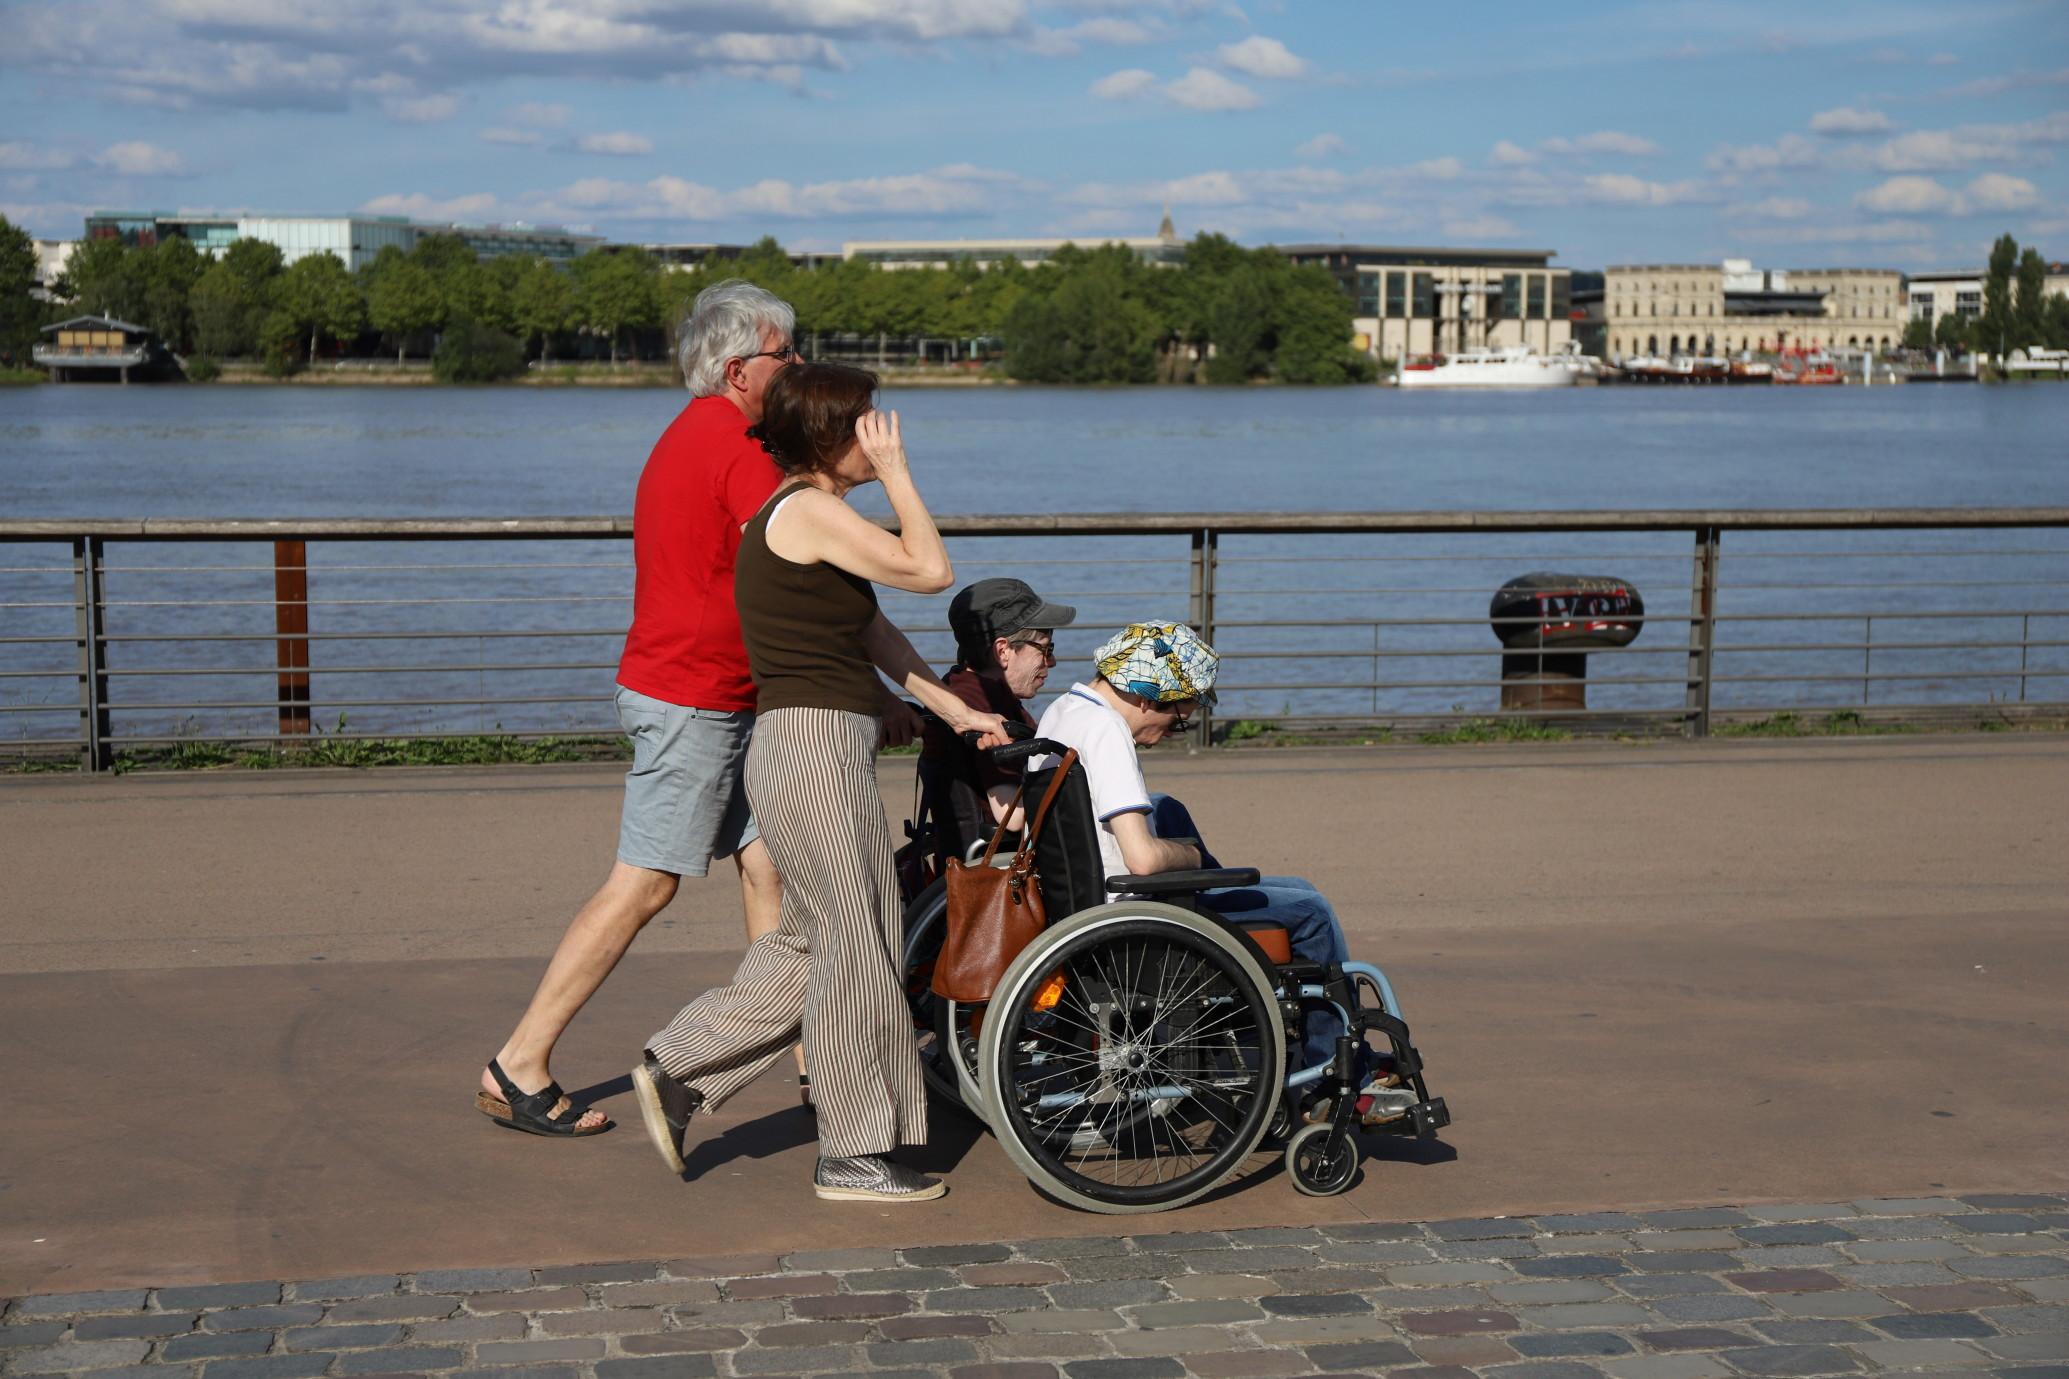 L'importance du soutien aux personnes handicapées